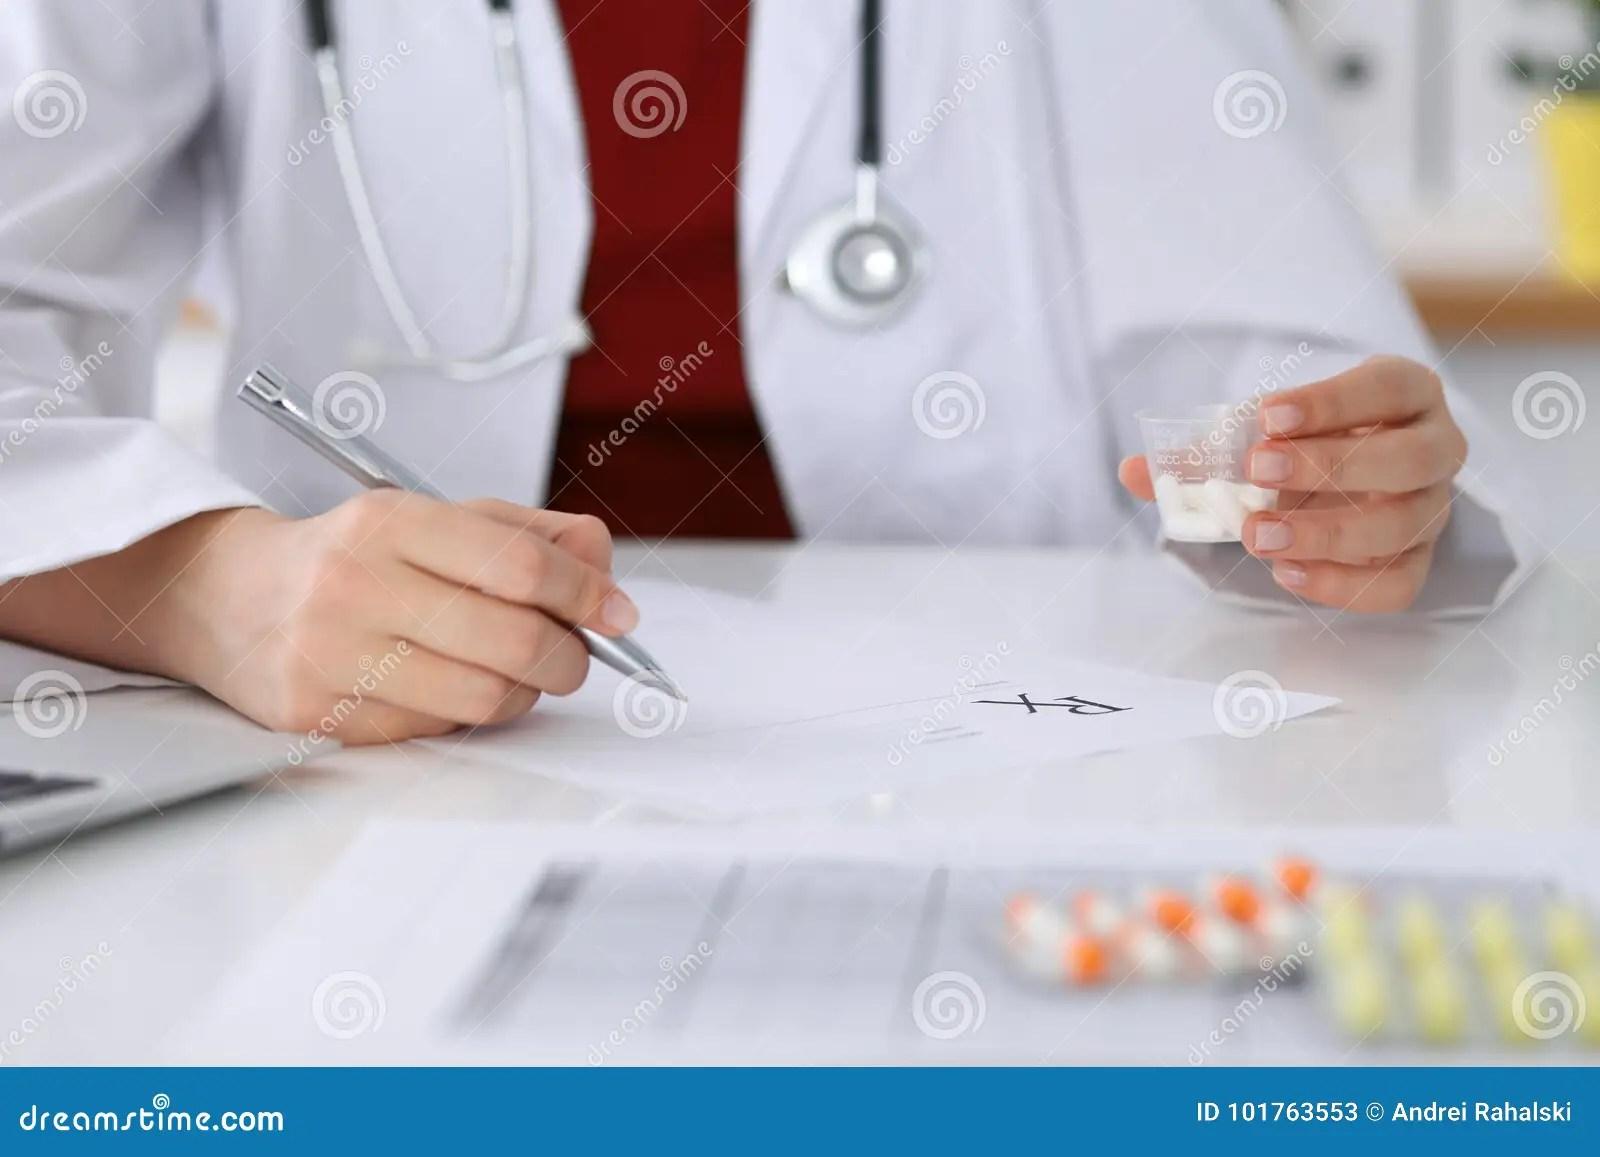 Female Medicine Doctor Fills Up Prescription Form To